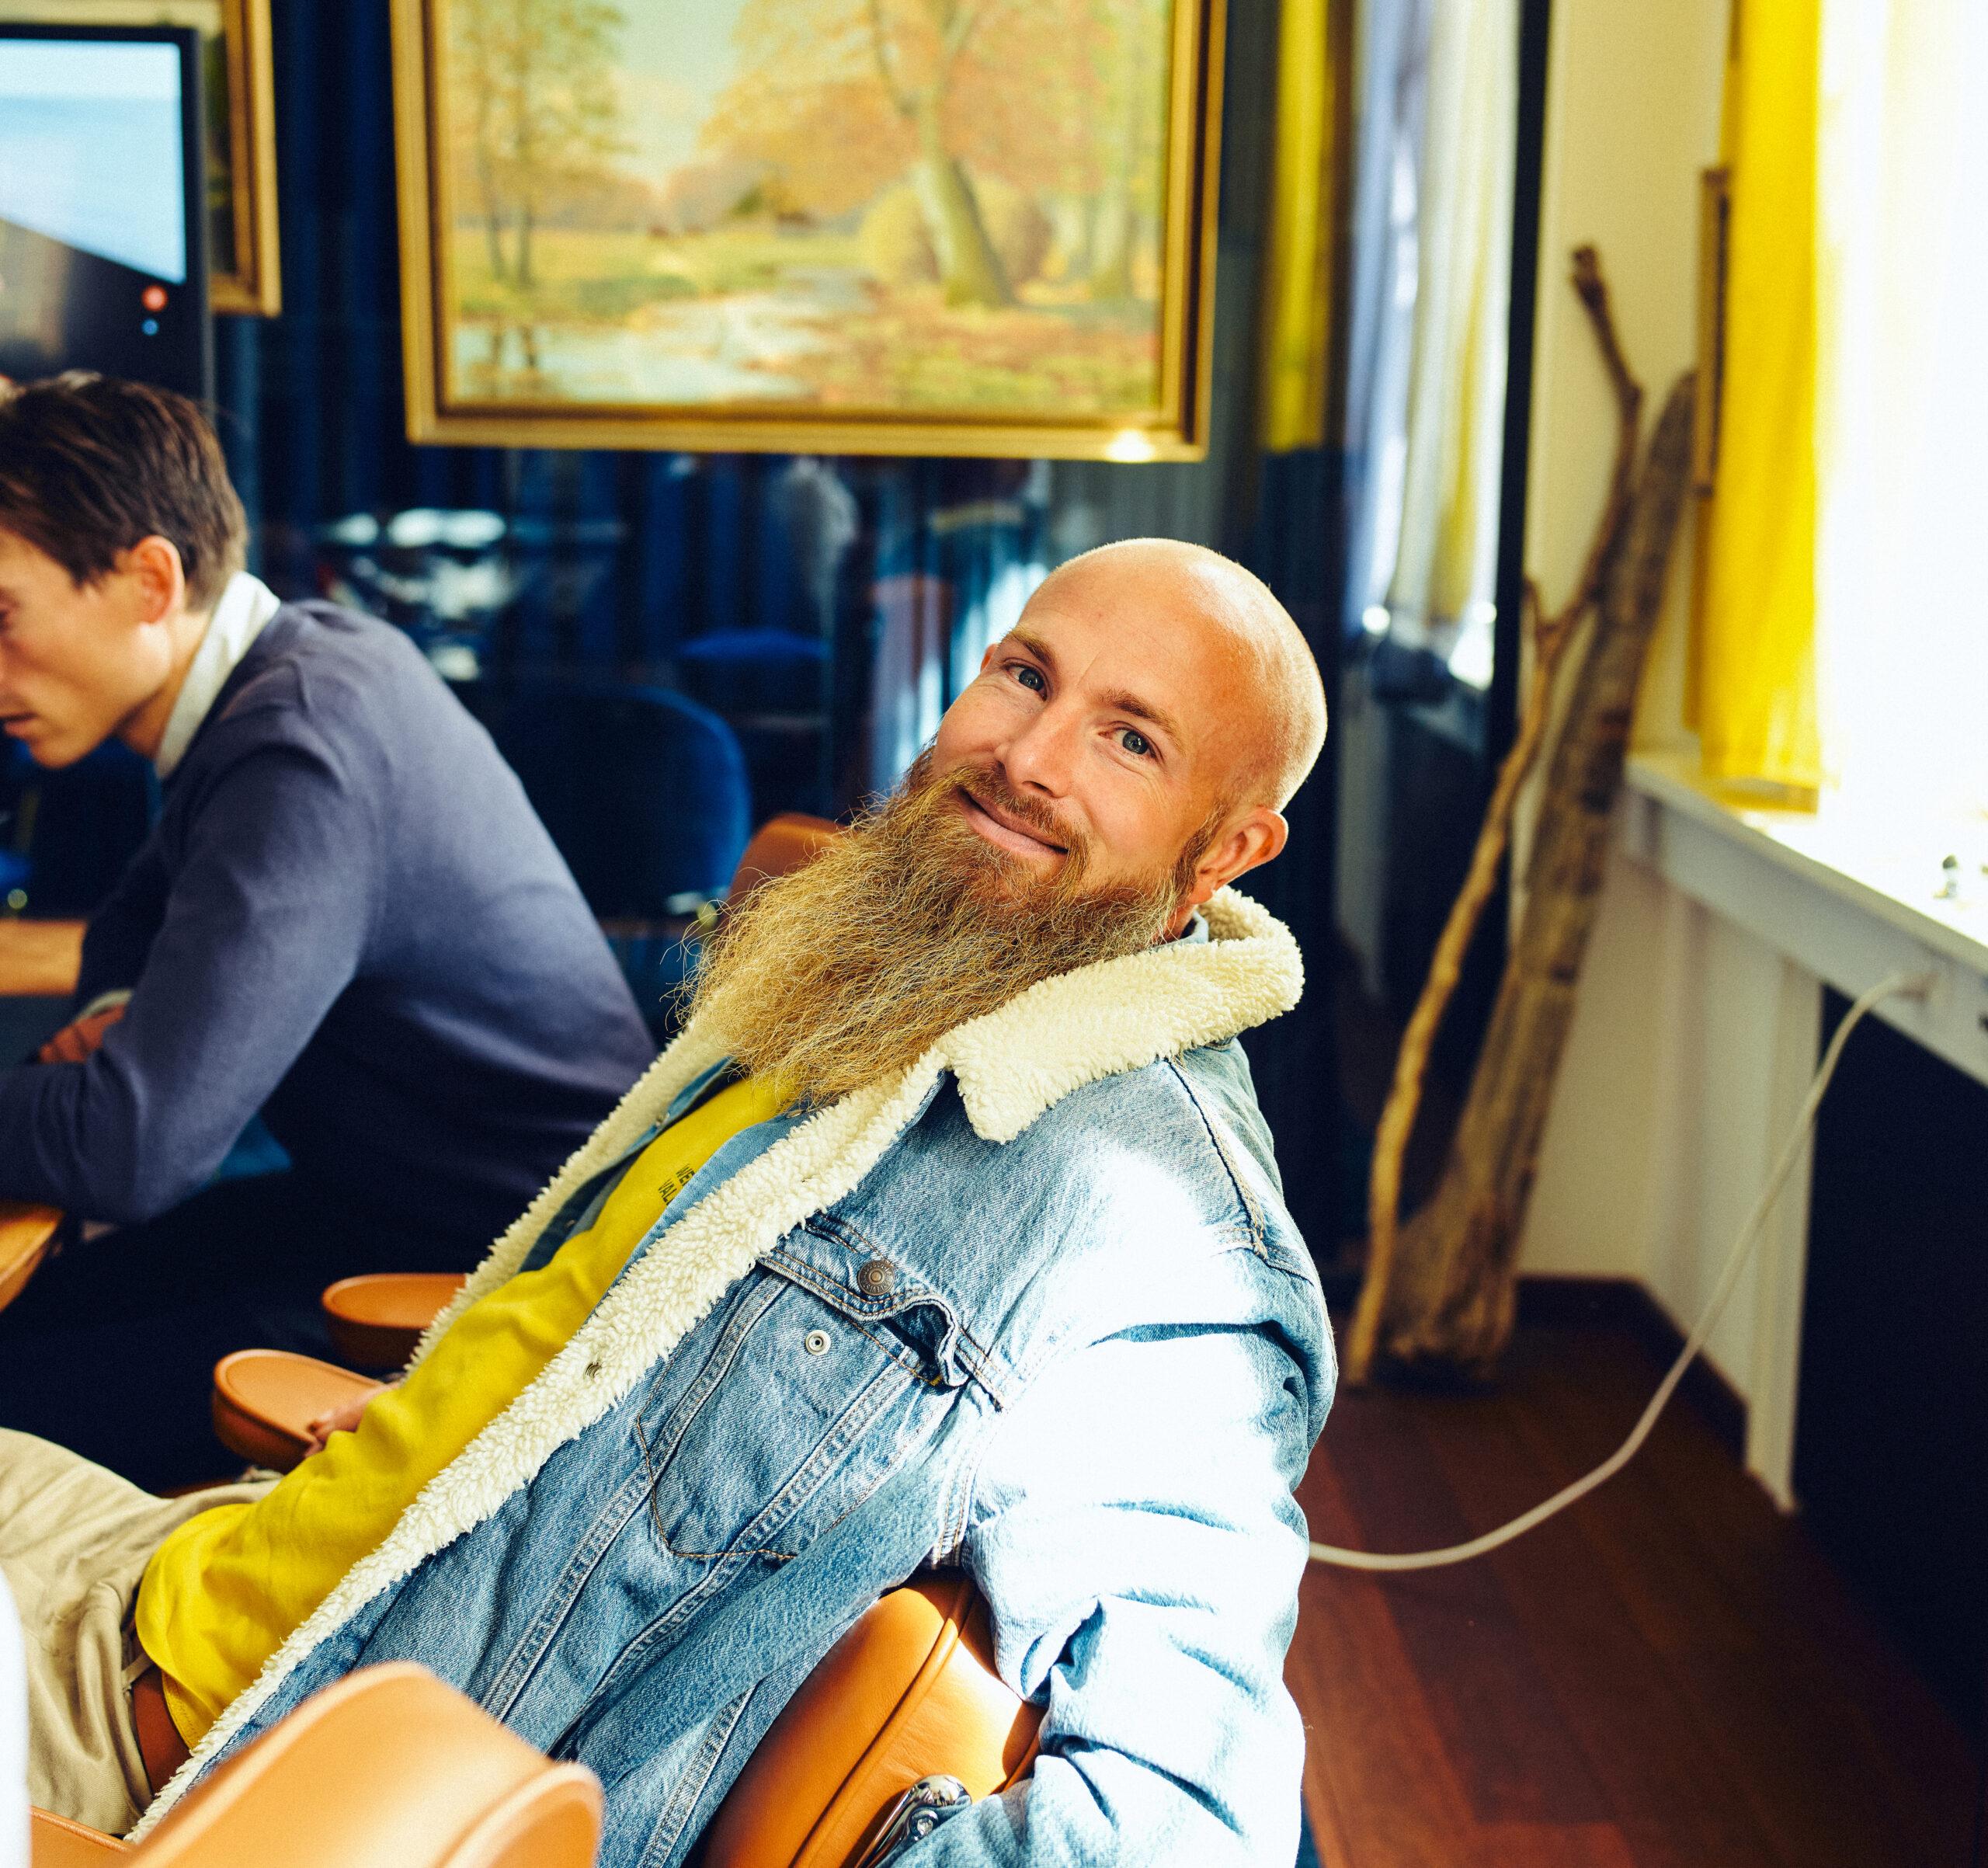 Werner Valeur: Hvis I udvikler softwaren, kommercialiserer jeg som ingen anden